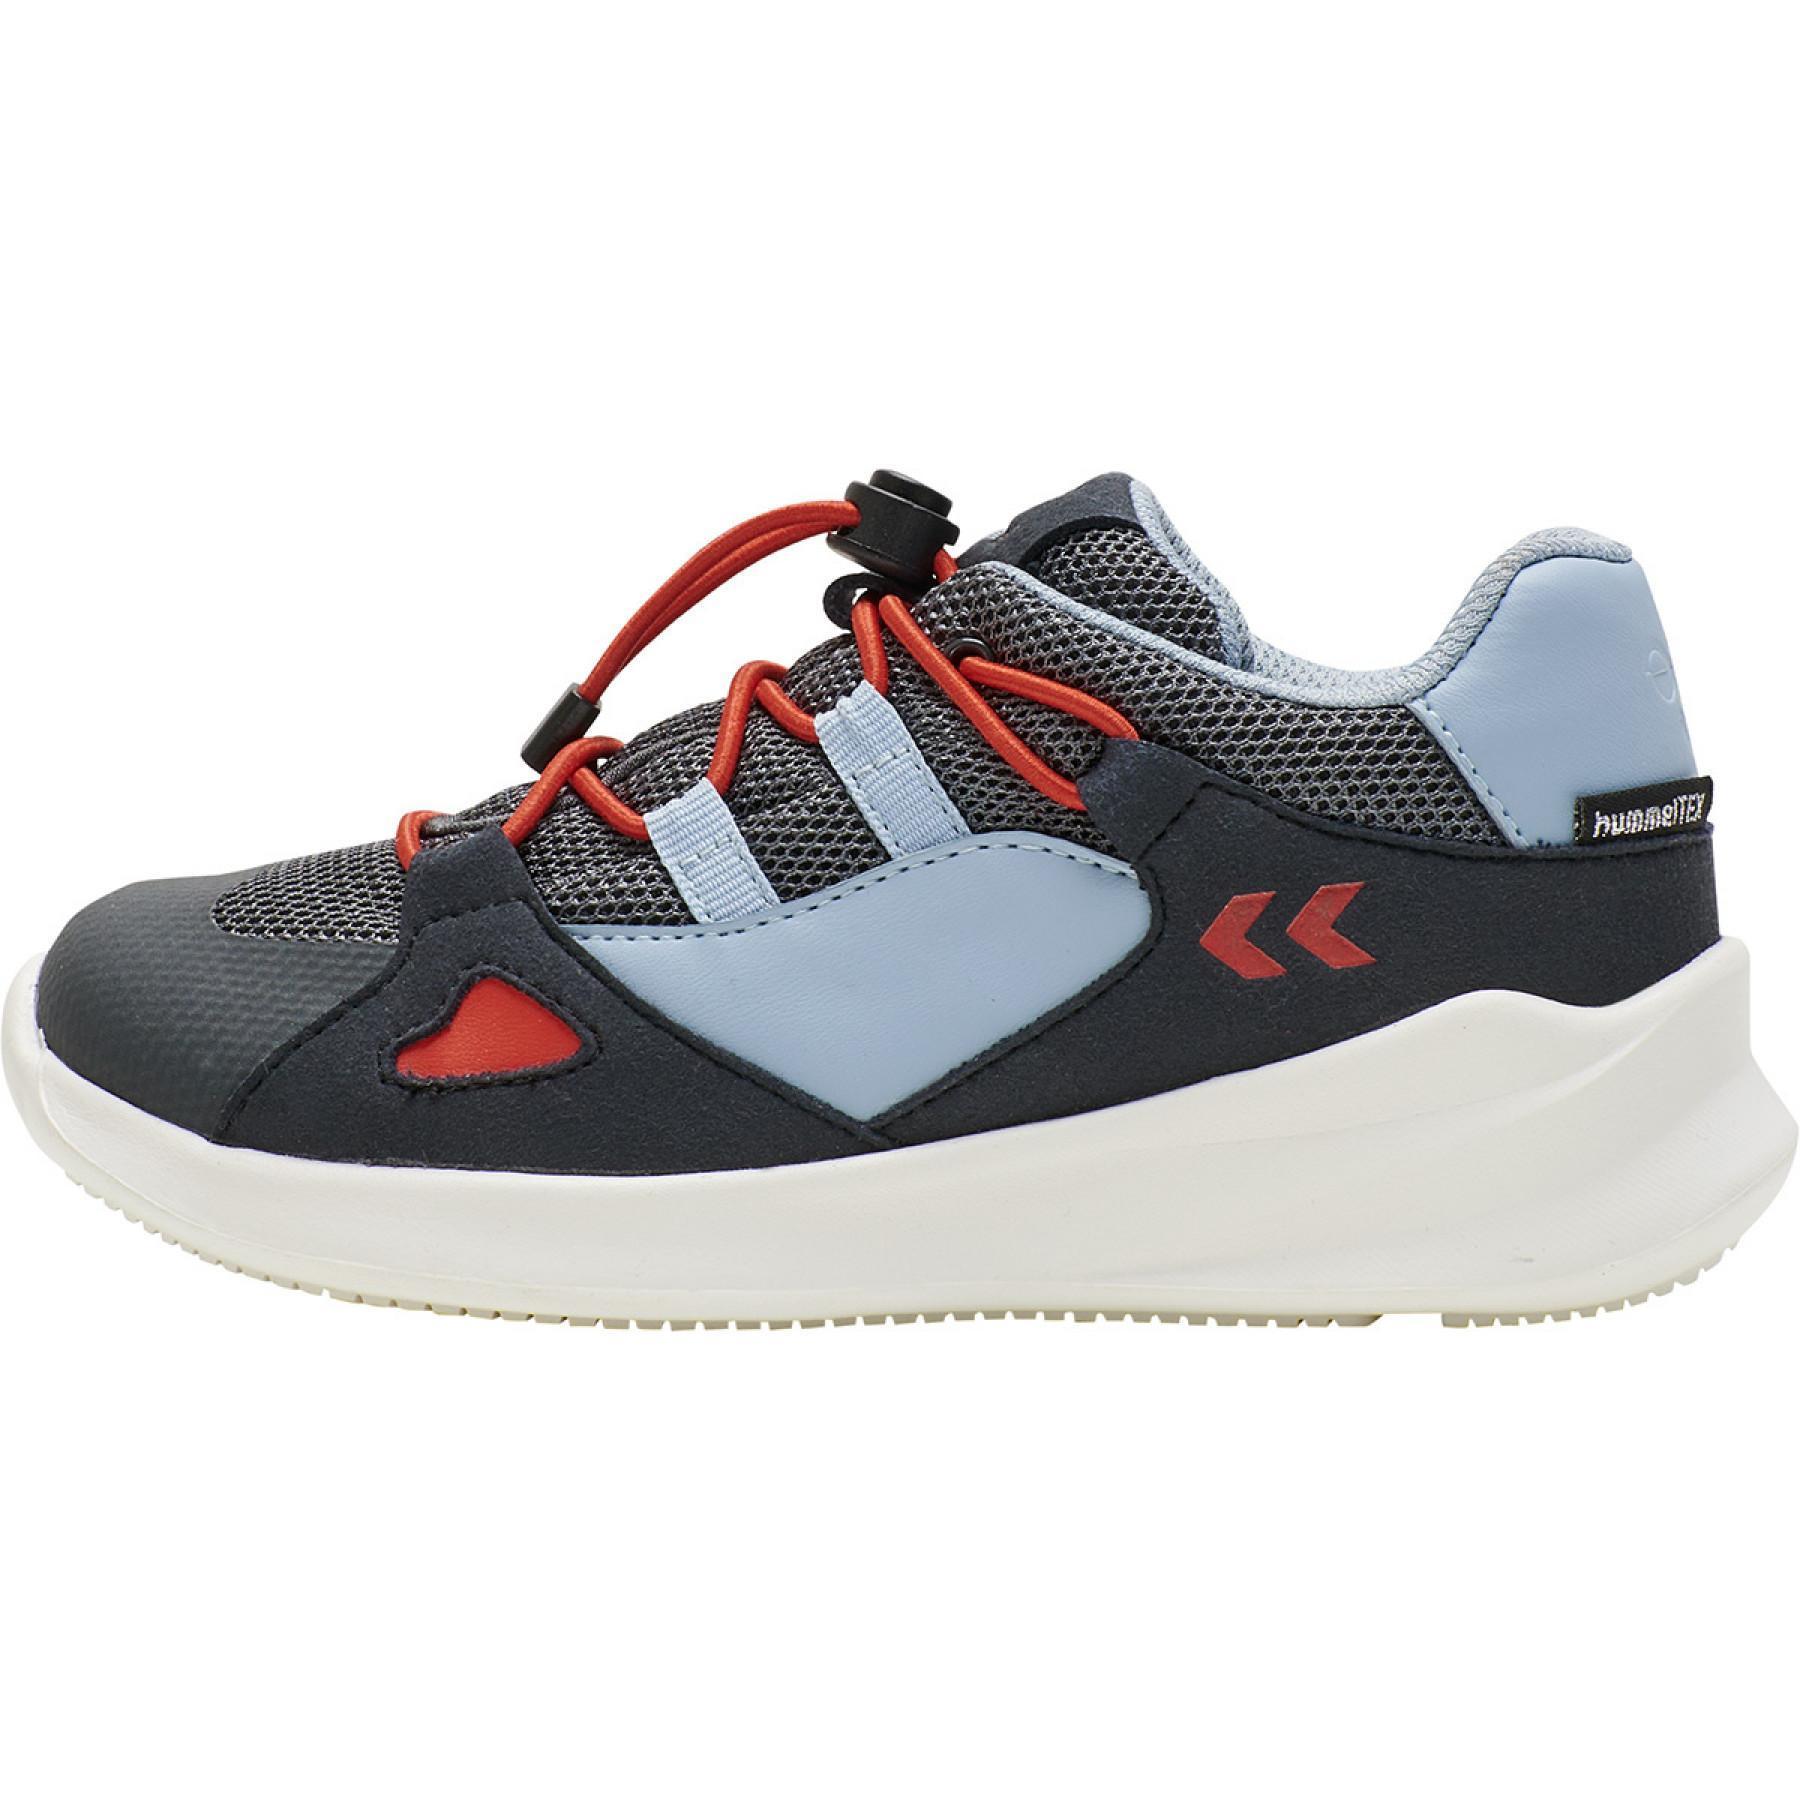 Children's shoes Hummel bounce runner tex